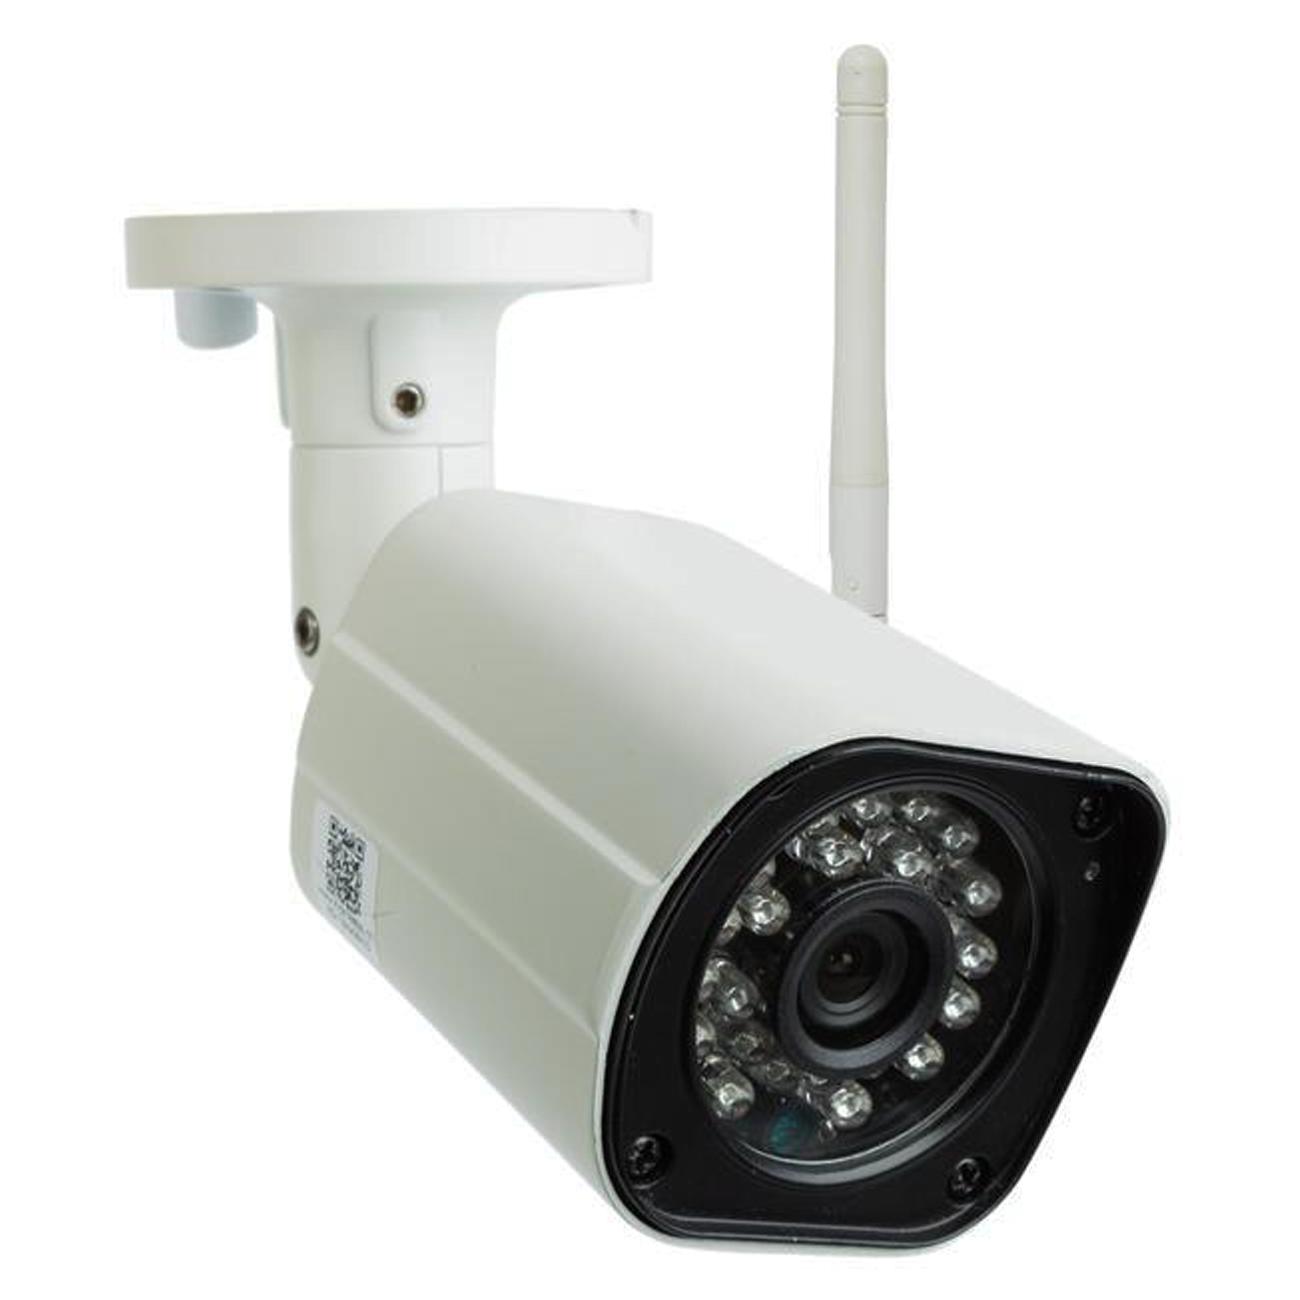 Фото Беспроводная уличная WiFi Smart Rexant камера с микрофоном {45-0274}